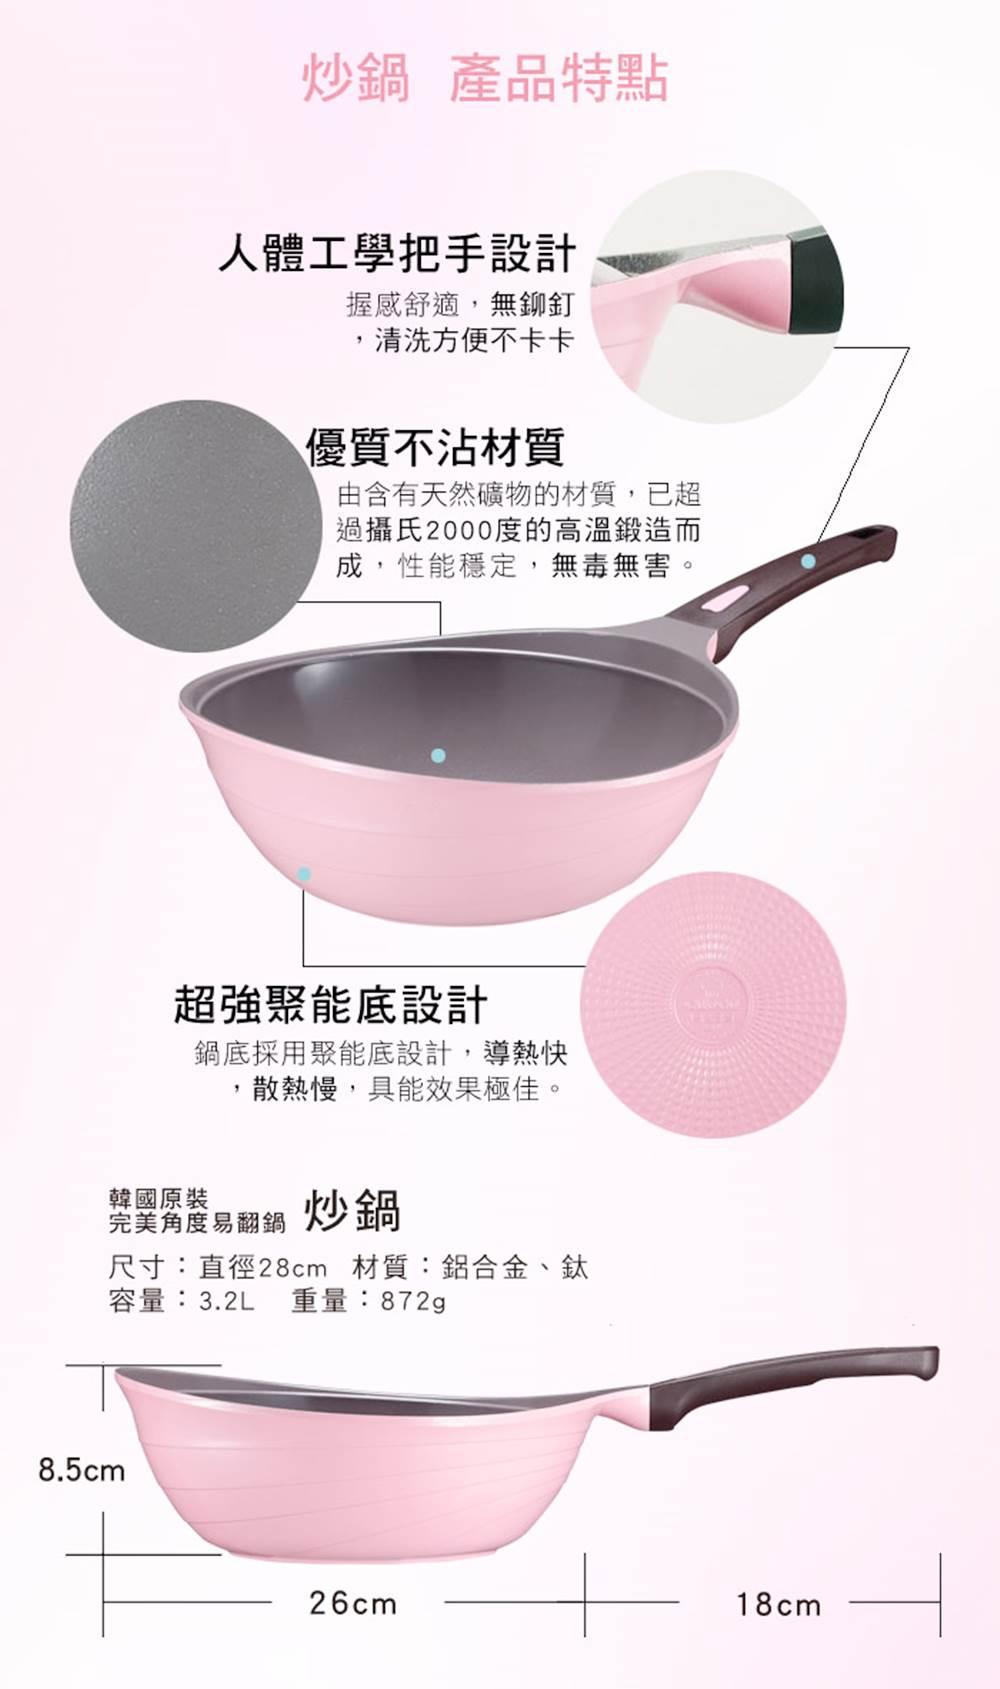 蔥媽媽 粉紅炒鍋 人體工學把手 不沾材質 煮菜導熱快